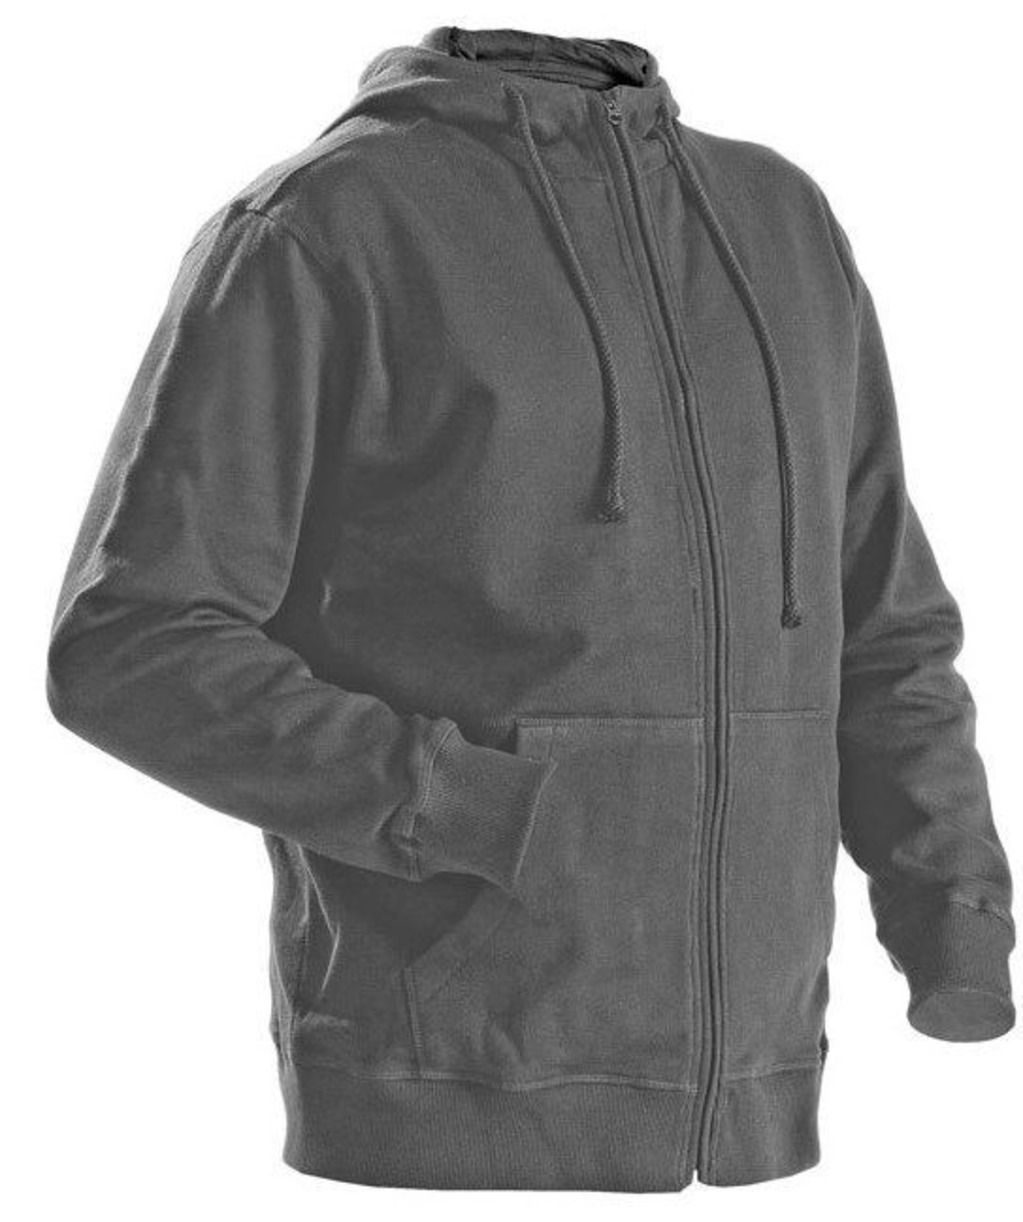 3366 1048 Hooded Sweatshirt